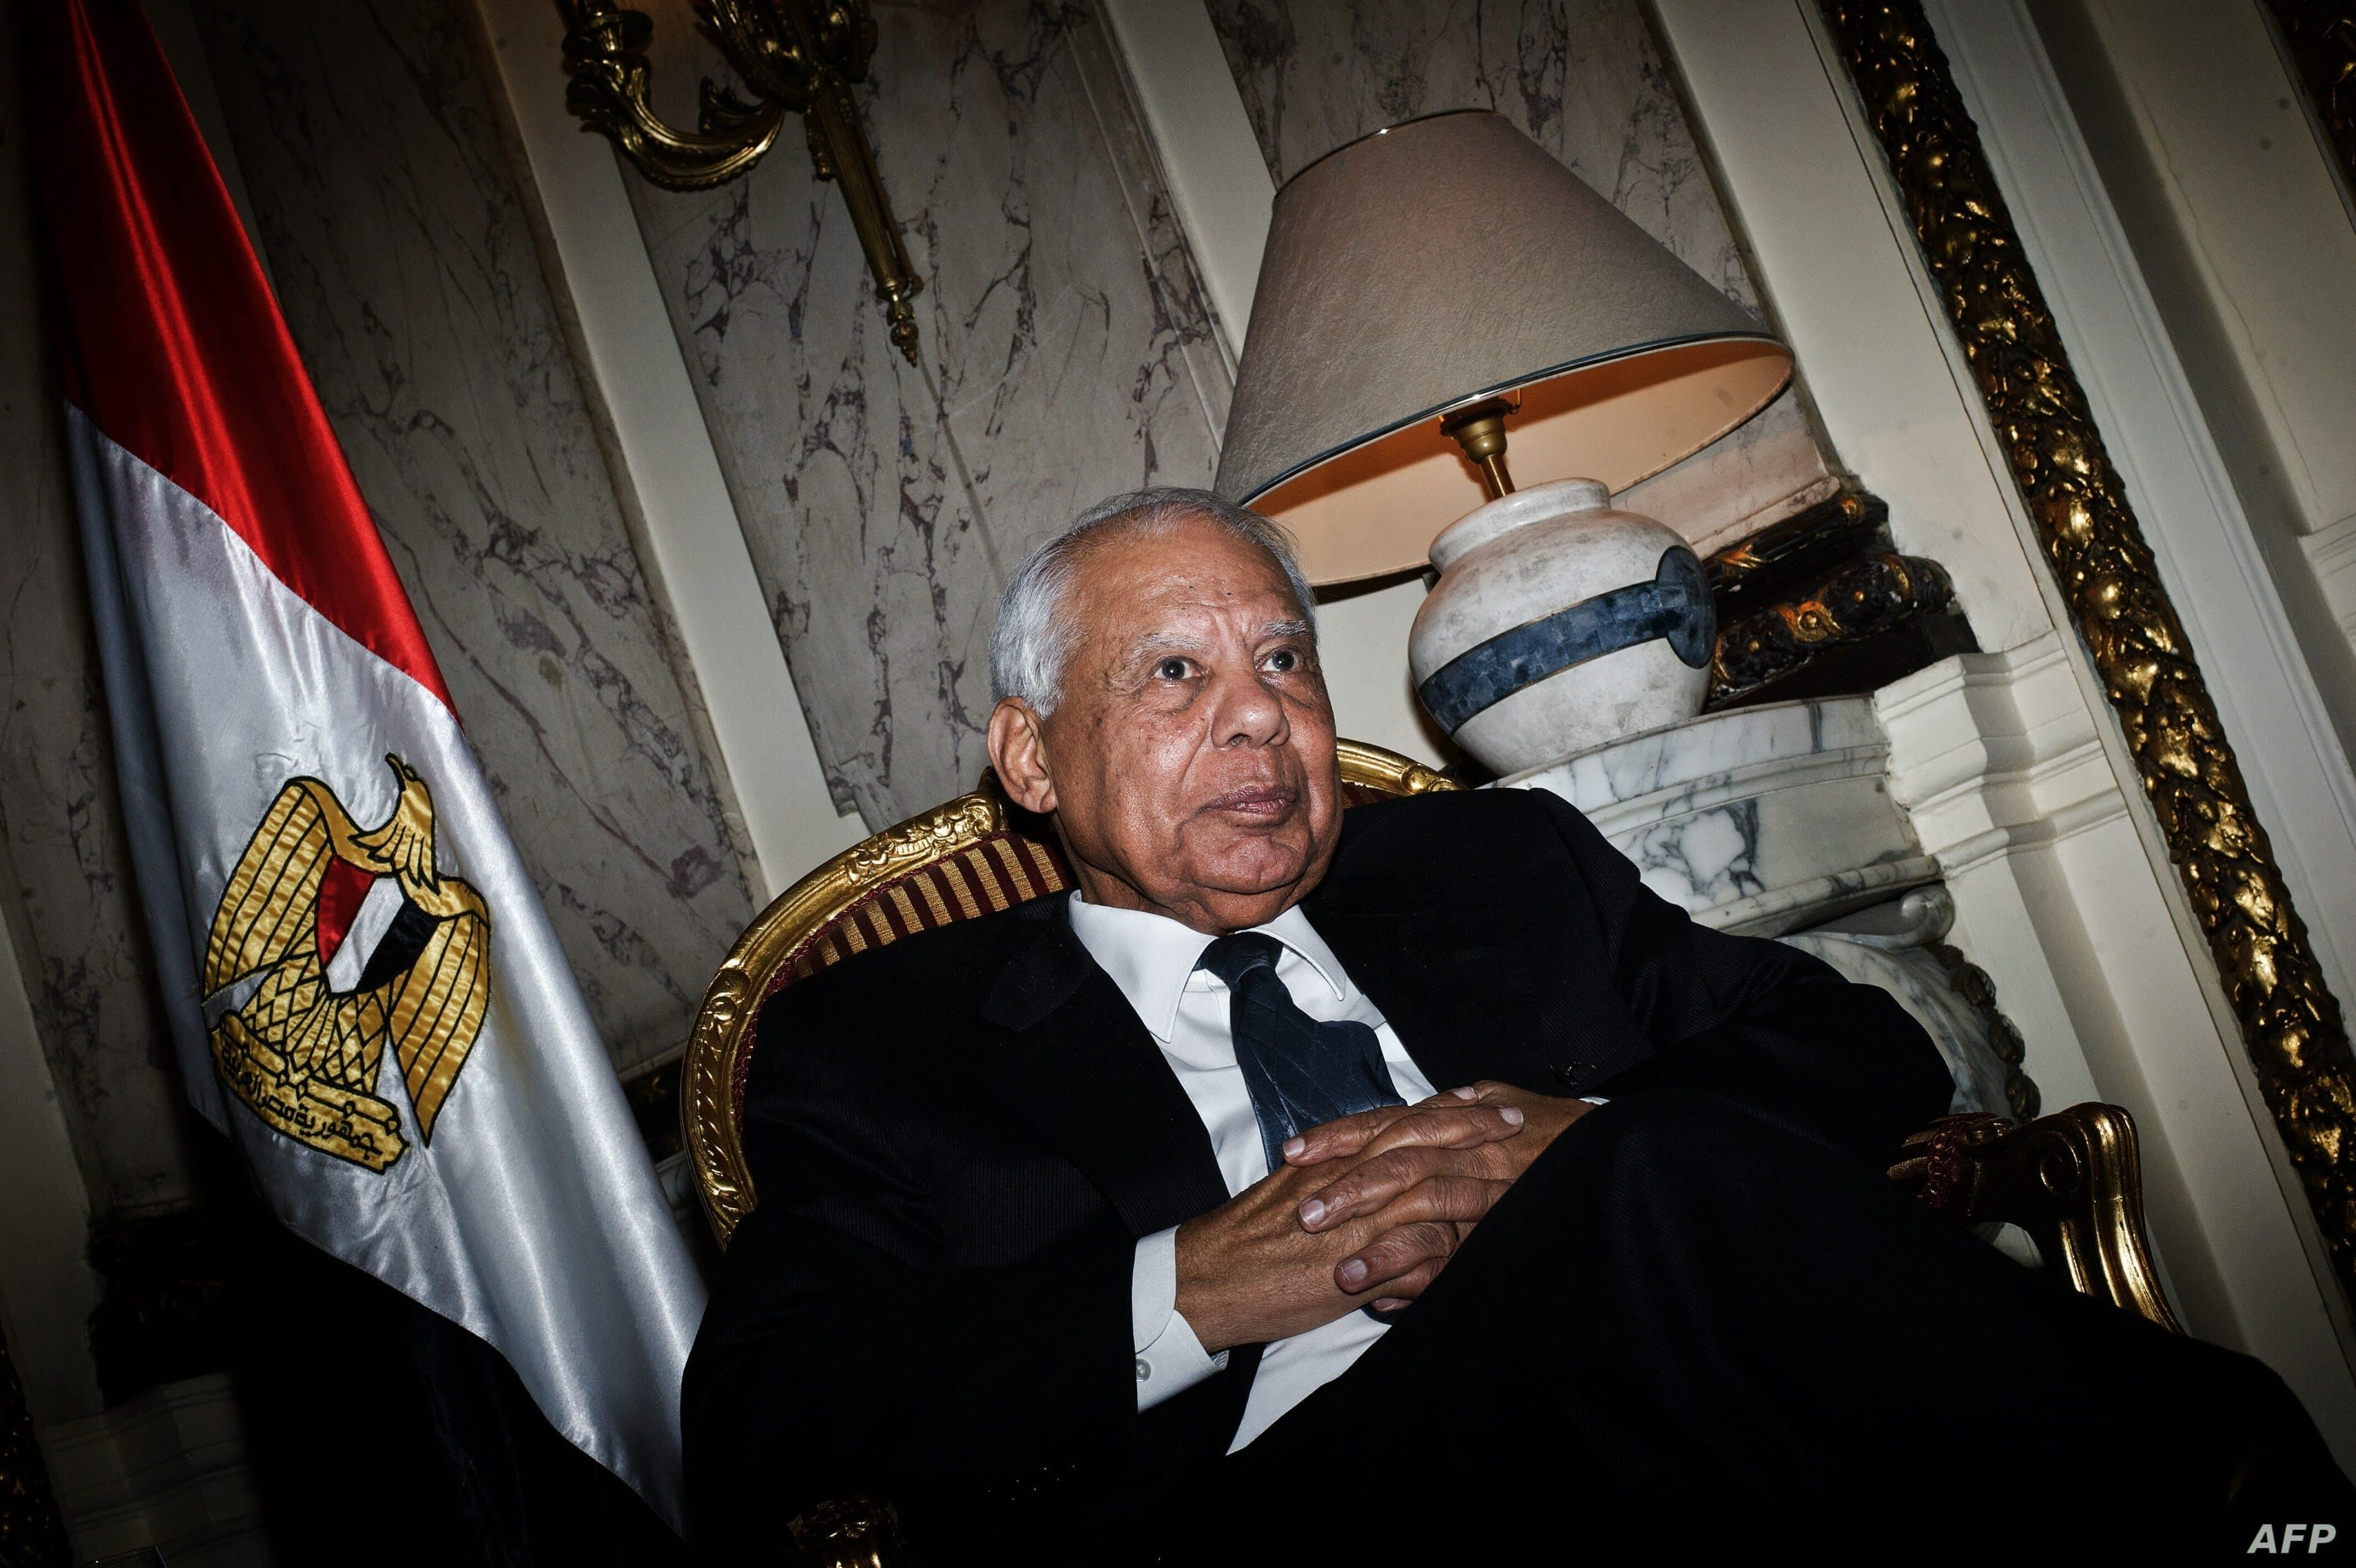 رفضت محاكمته في قضية تعذيب.. إدارة بايدن تعيد حصانة رئيس وزراء مصر الأسبق حازم الببلاوي